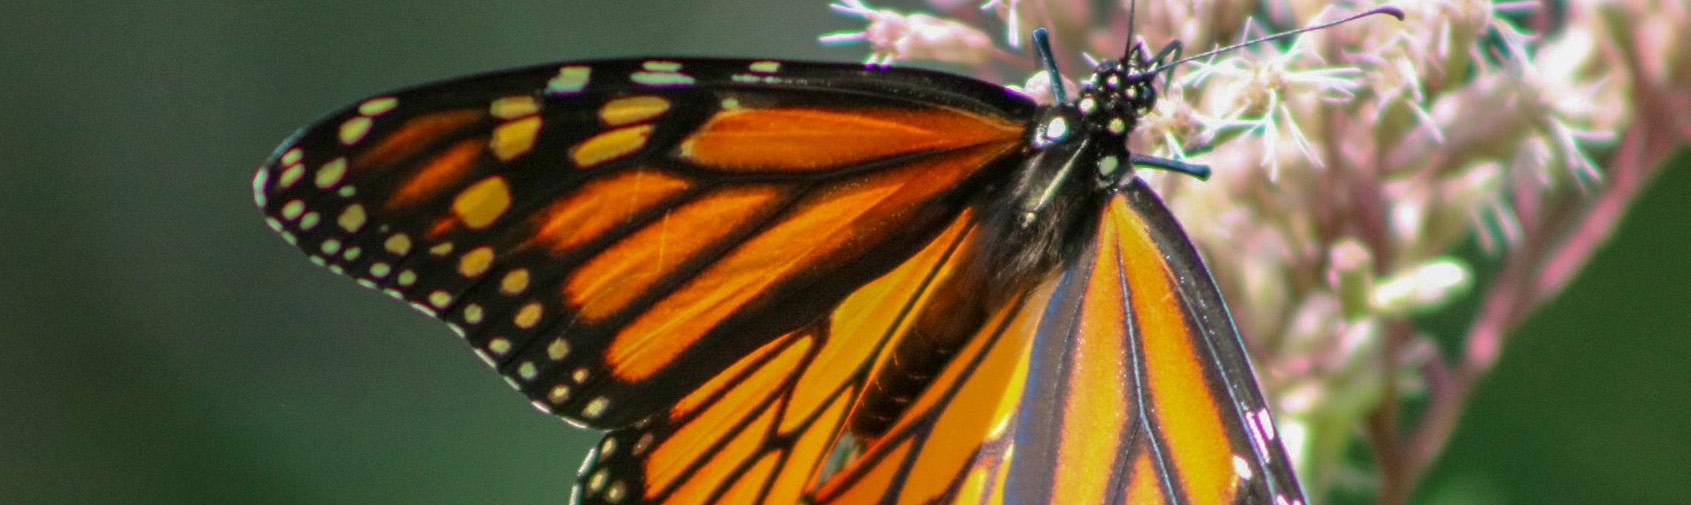 wildlife_Kathy Braznick